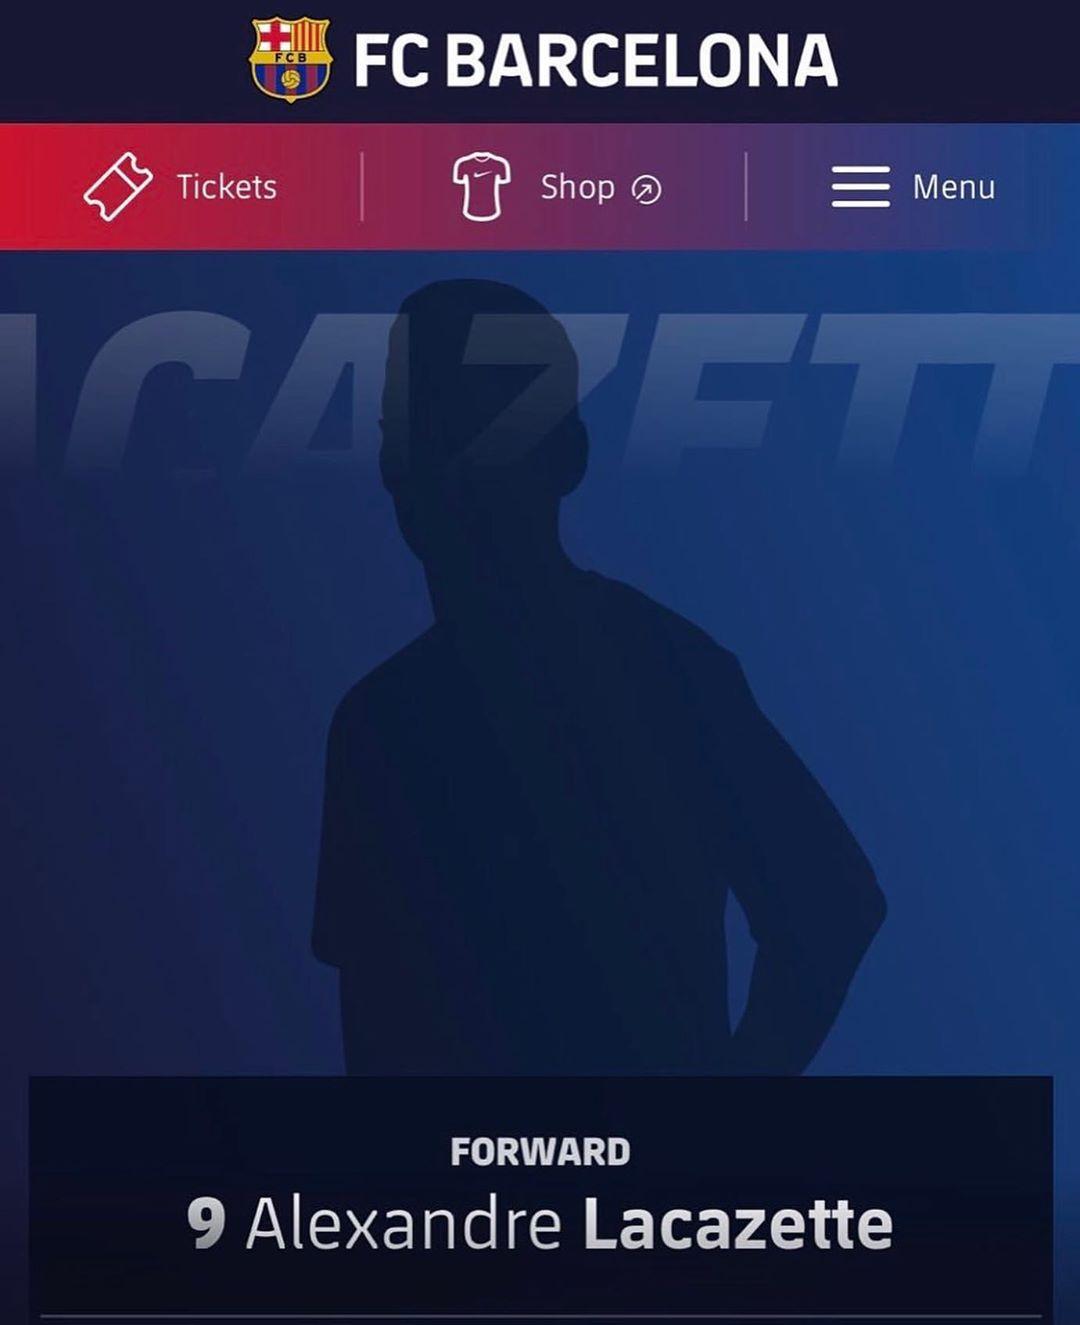 ความผิดพลาดในเว็บไซต์ Barca บันทึก Lacazette เป็นผู้เล่น – – # พรีเมียร์ชิพ # …